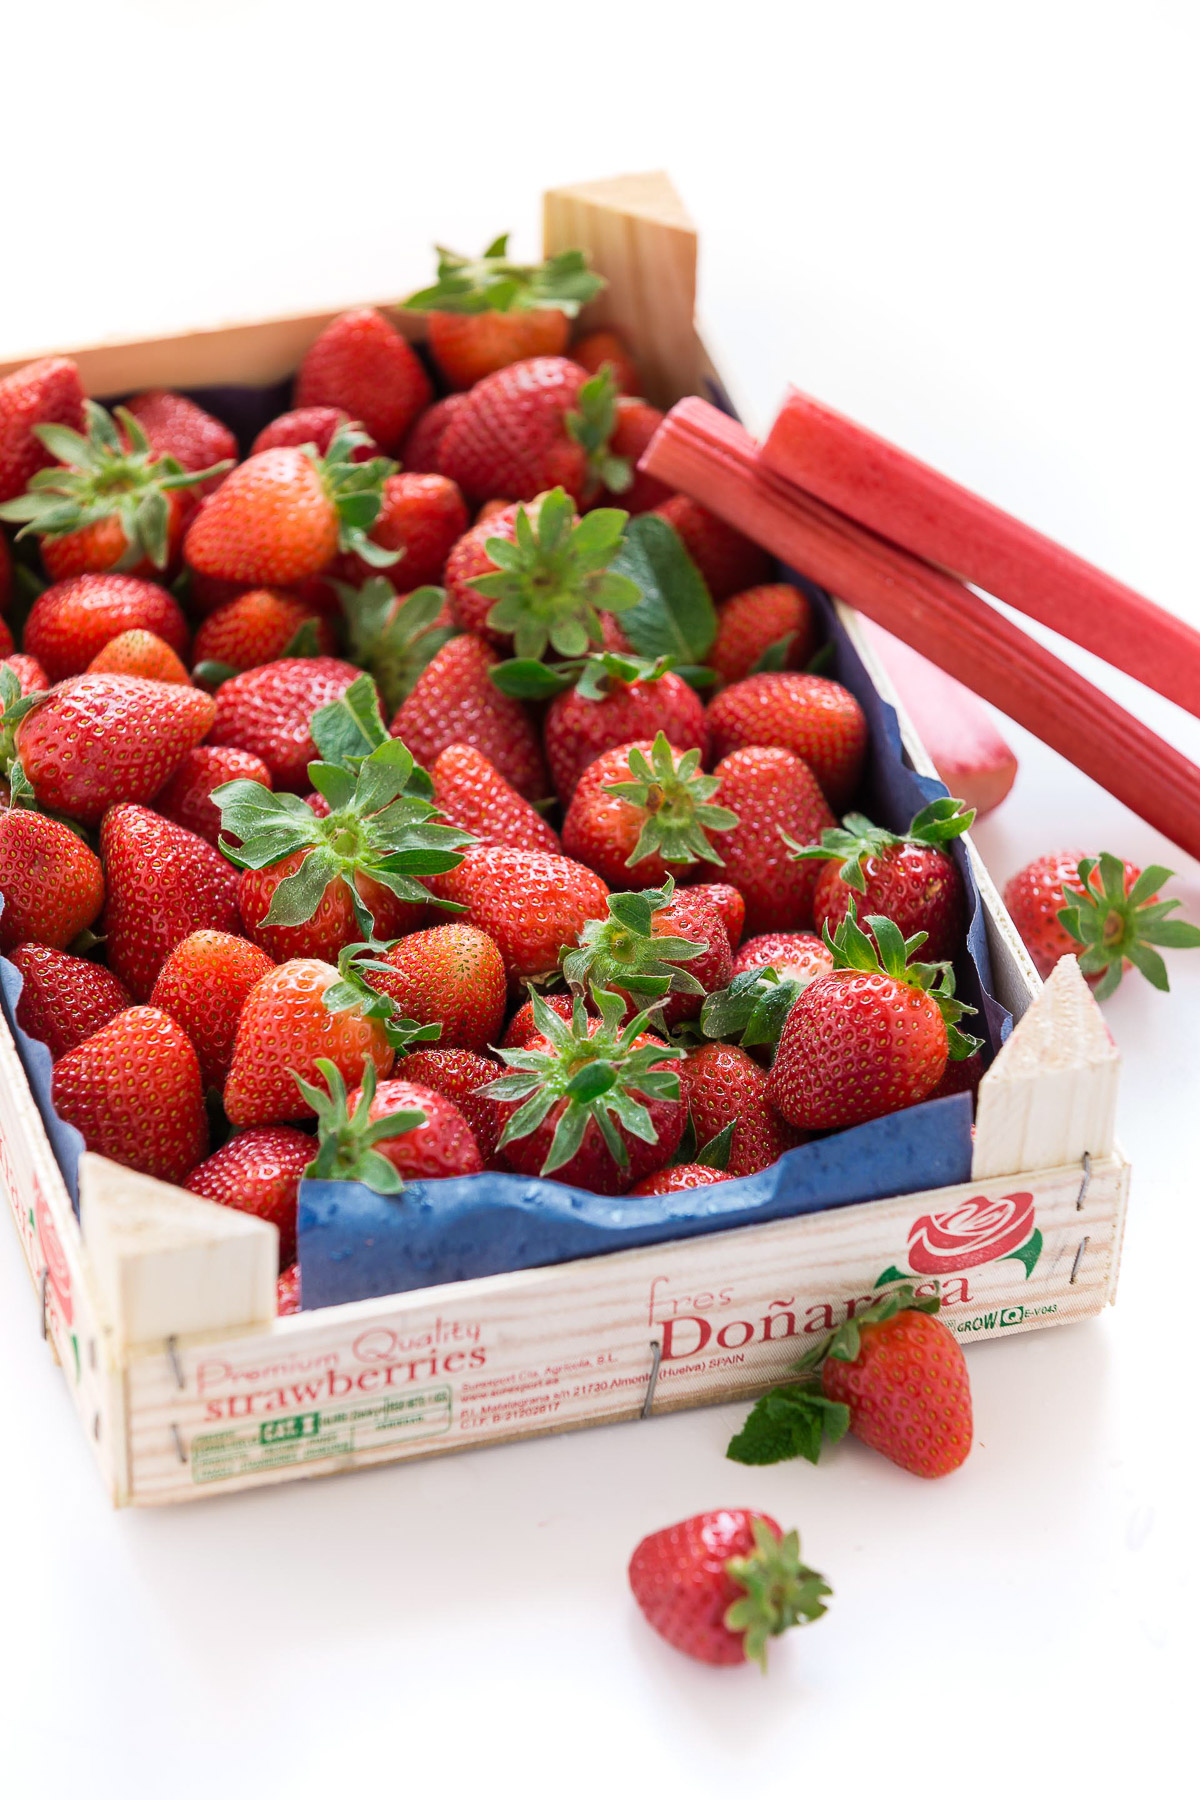 ricetta crumble di fragole e rabarbaro vegan senza glutine con mandorle e nocciole - vegan glutenfree rhubarb strawberry crisp